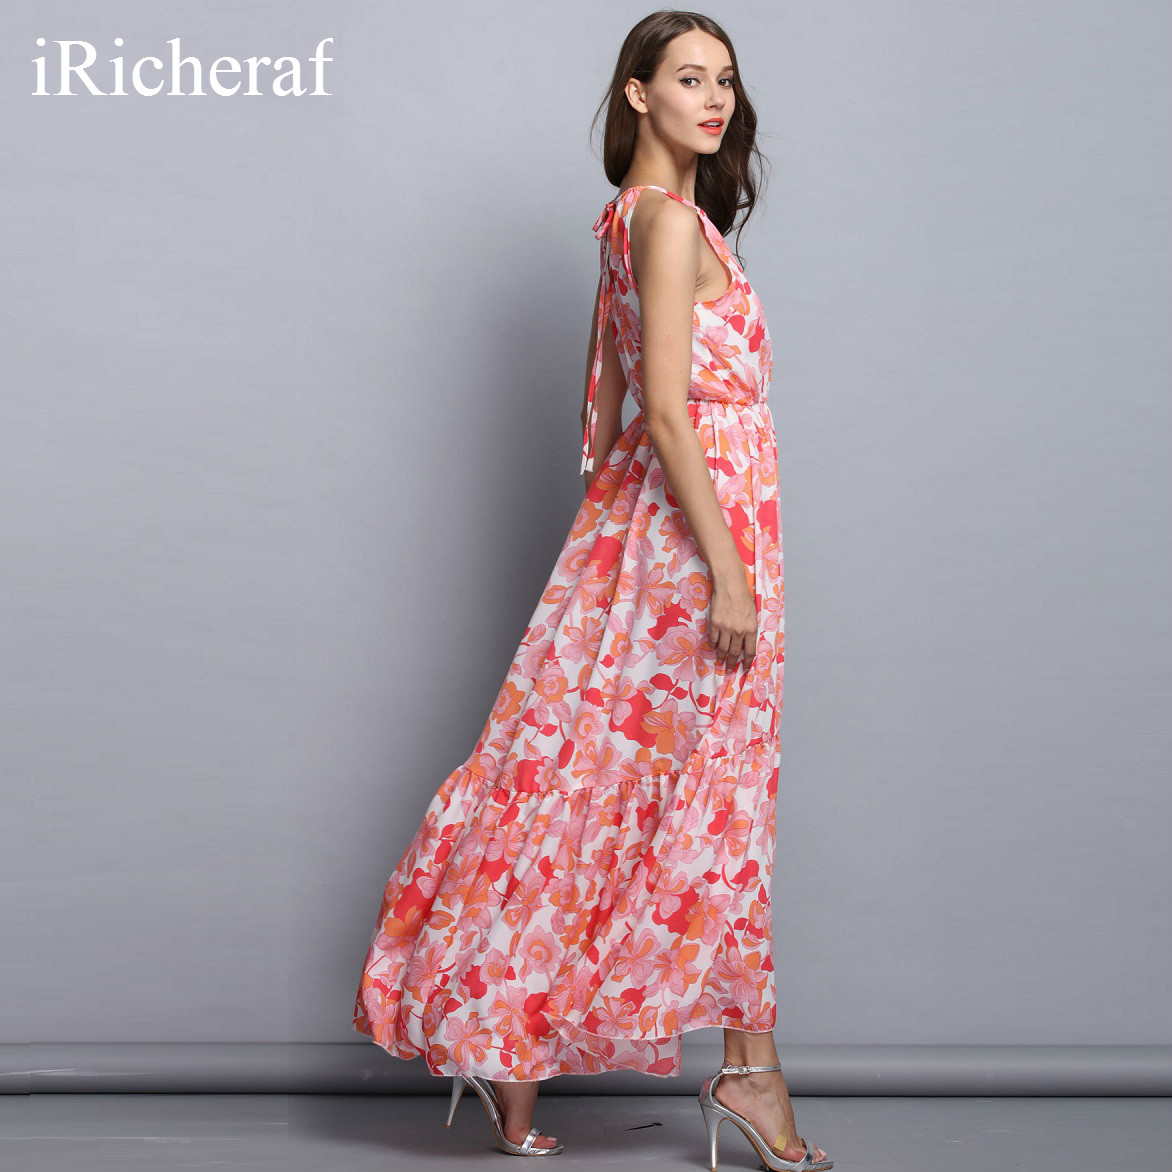 Ziemlich Prom Kleid Manchester Ideen - Brautkleider Ideen - cashingy ...